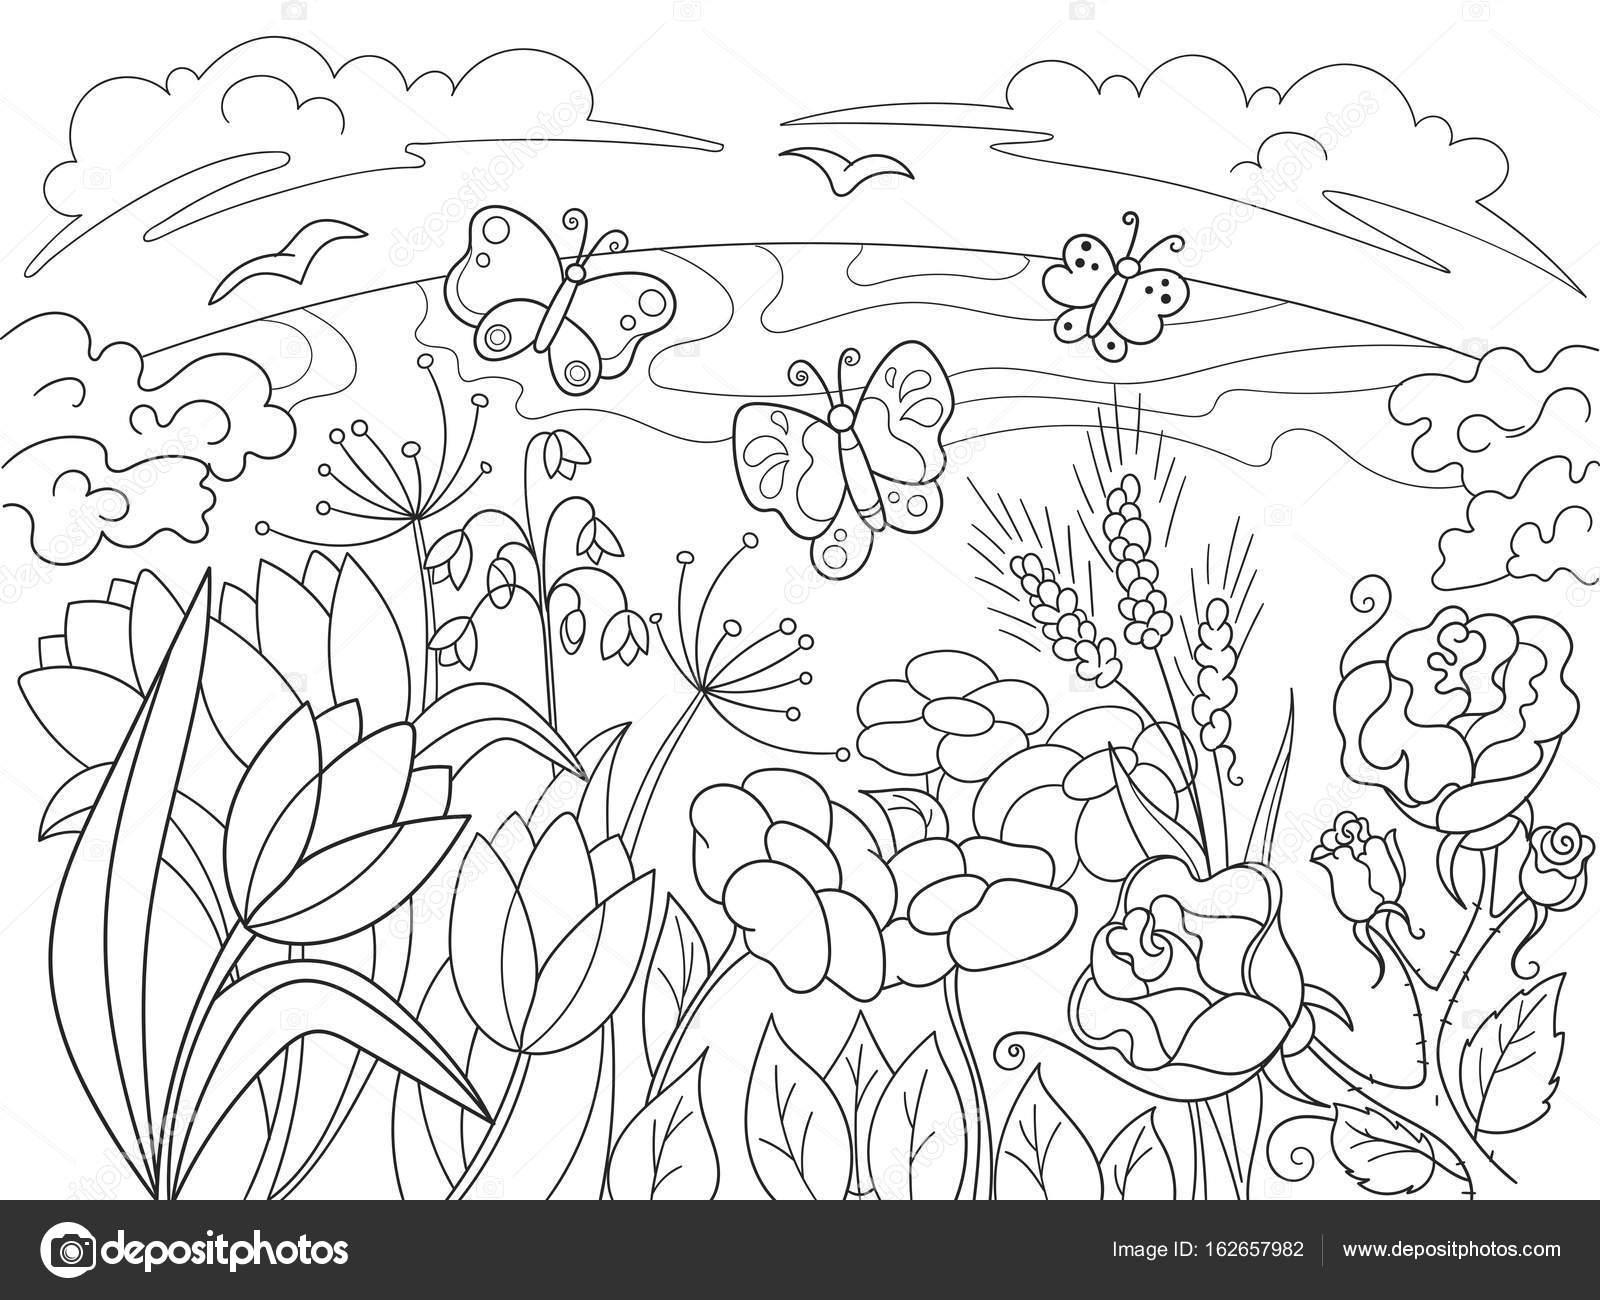 Kleurplaten Bloemen En Hartjes.Mooi Kleurplaten Van Bloemen En Hartjes Klupaats Website